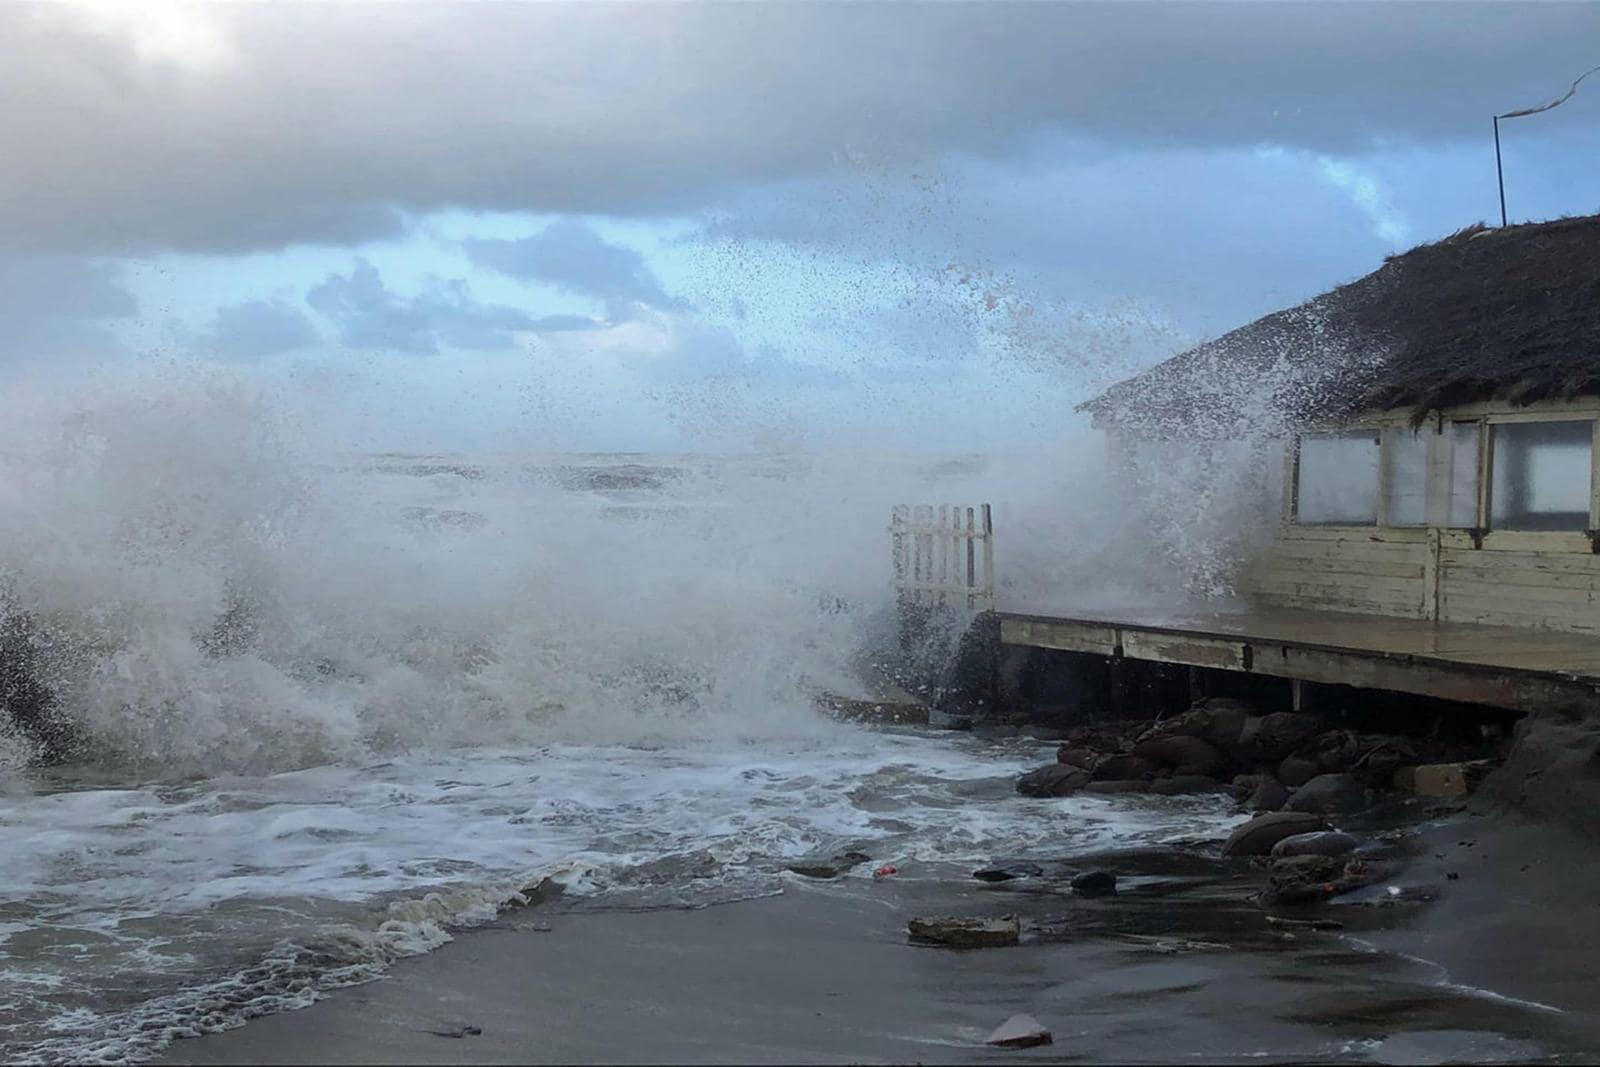 Maltempo a Roma, mare in tempesta sul litorale capitolino